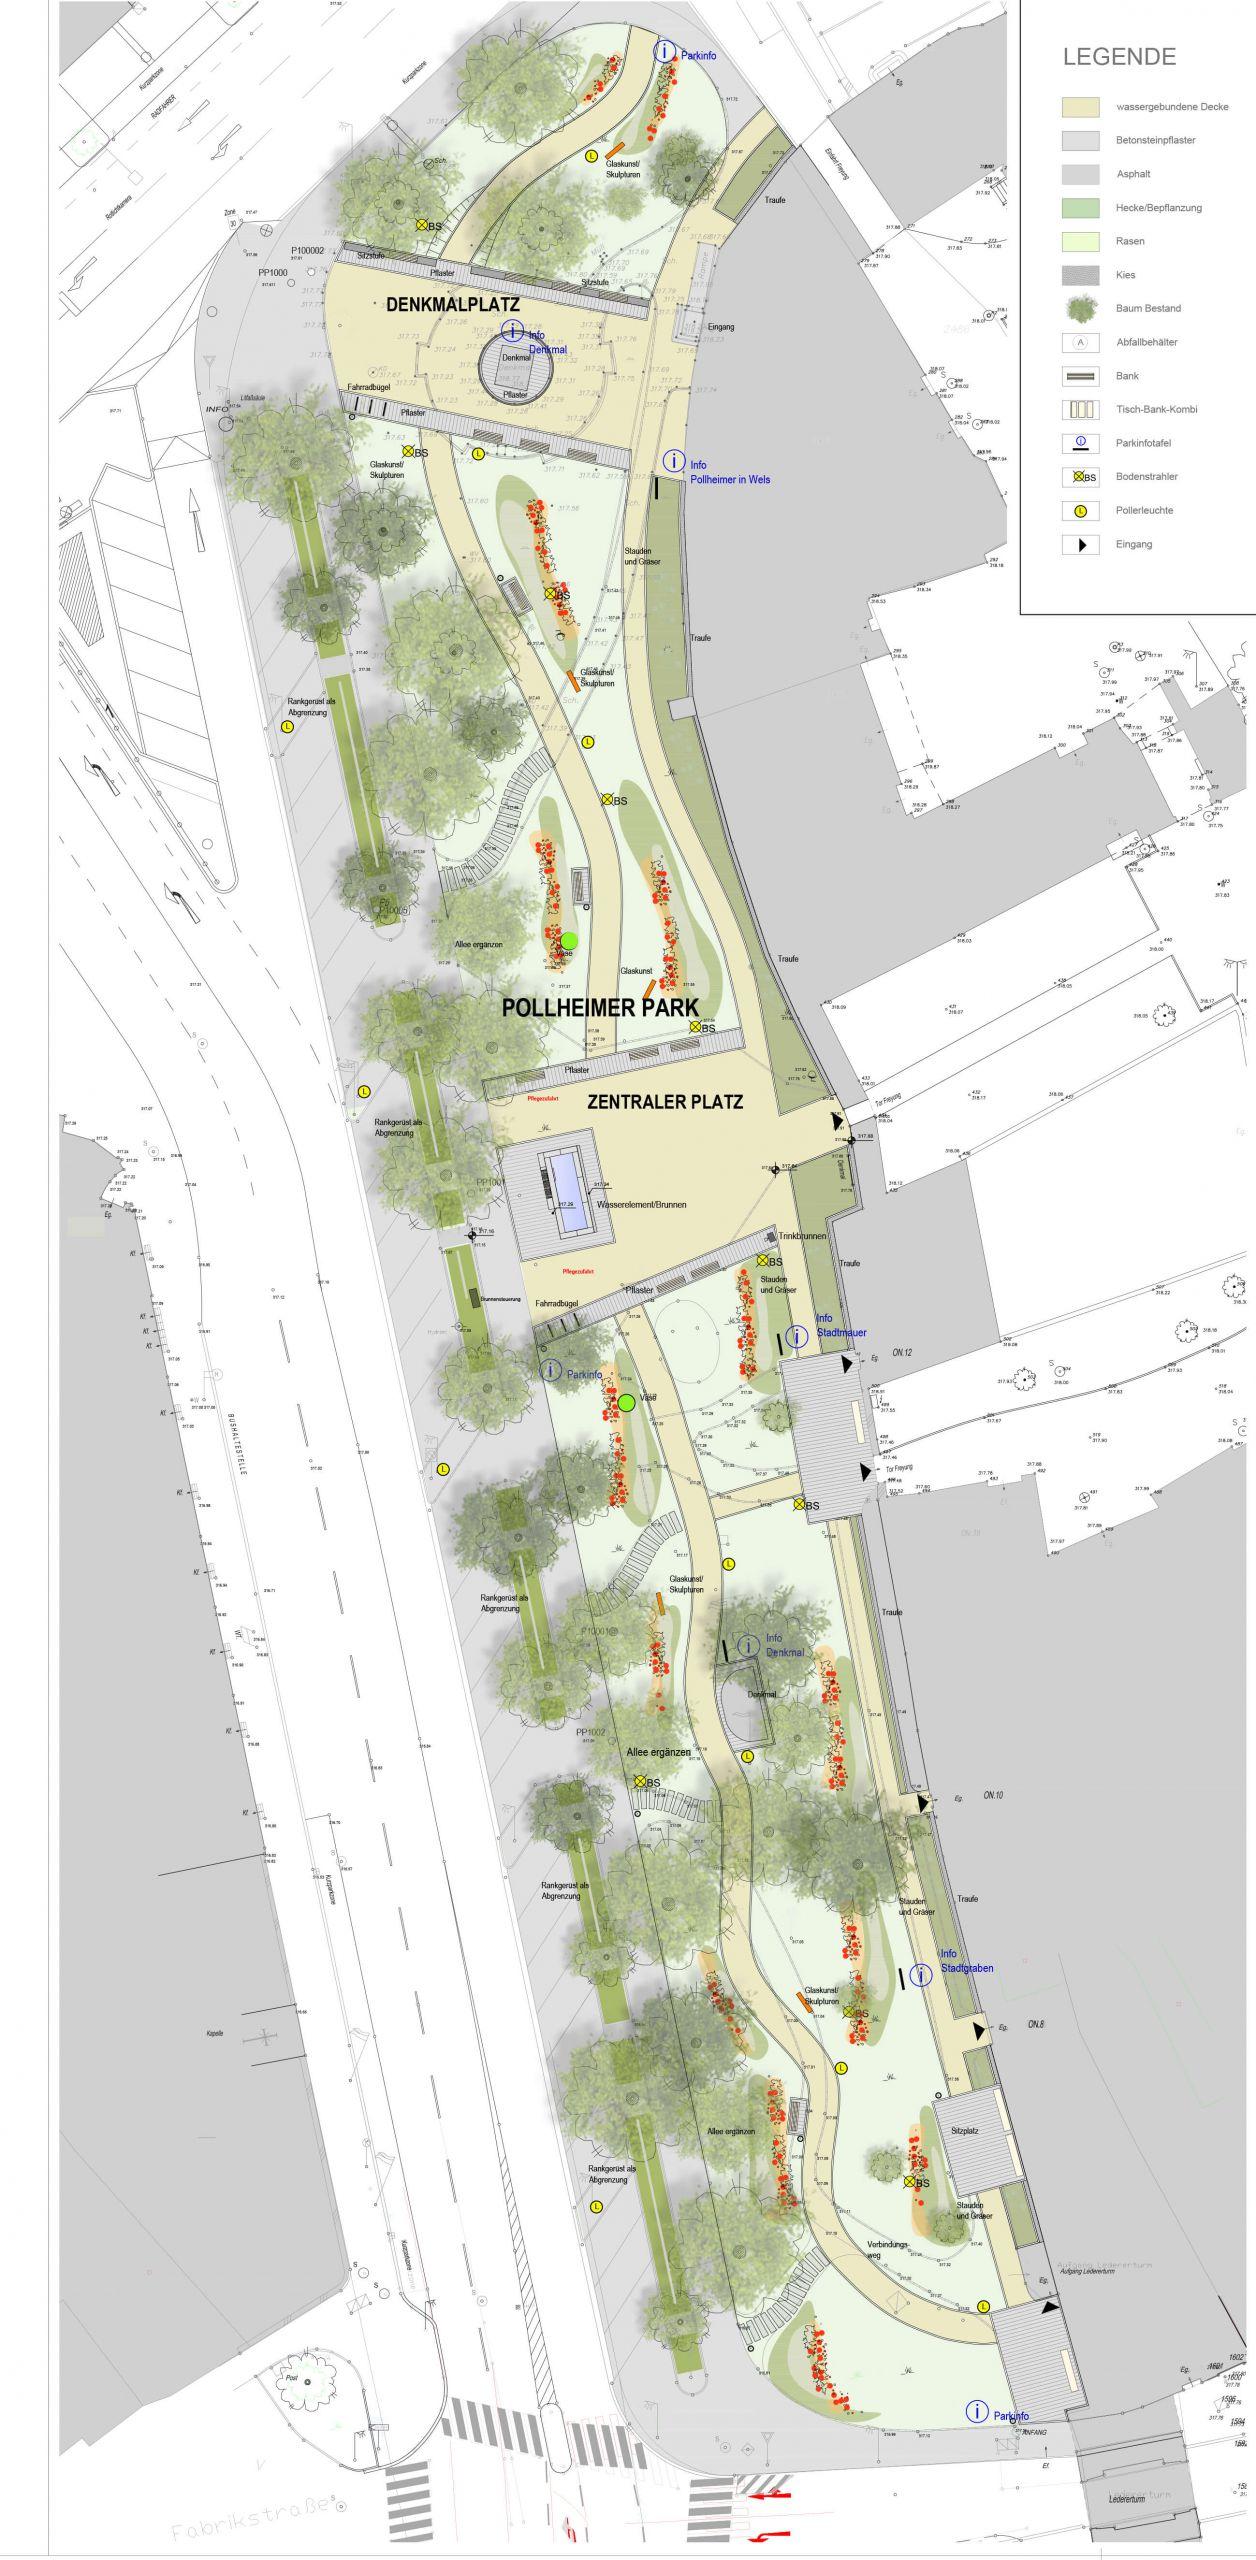 Plan für die Neugestaltung des Pollheimerparks